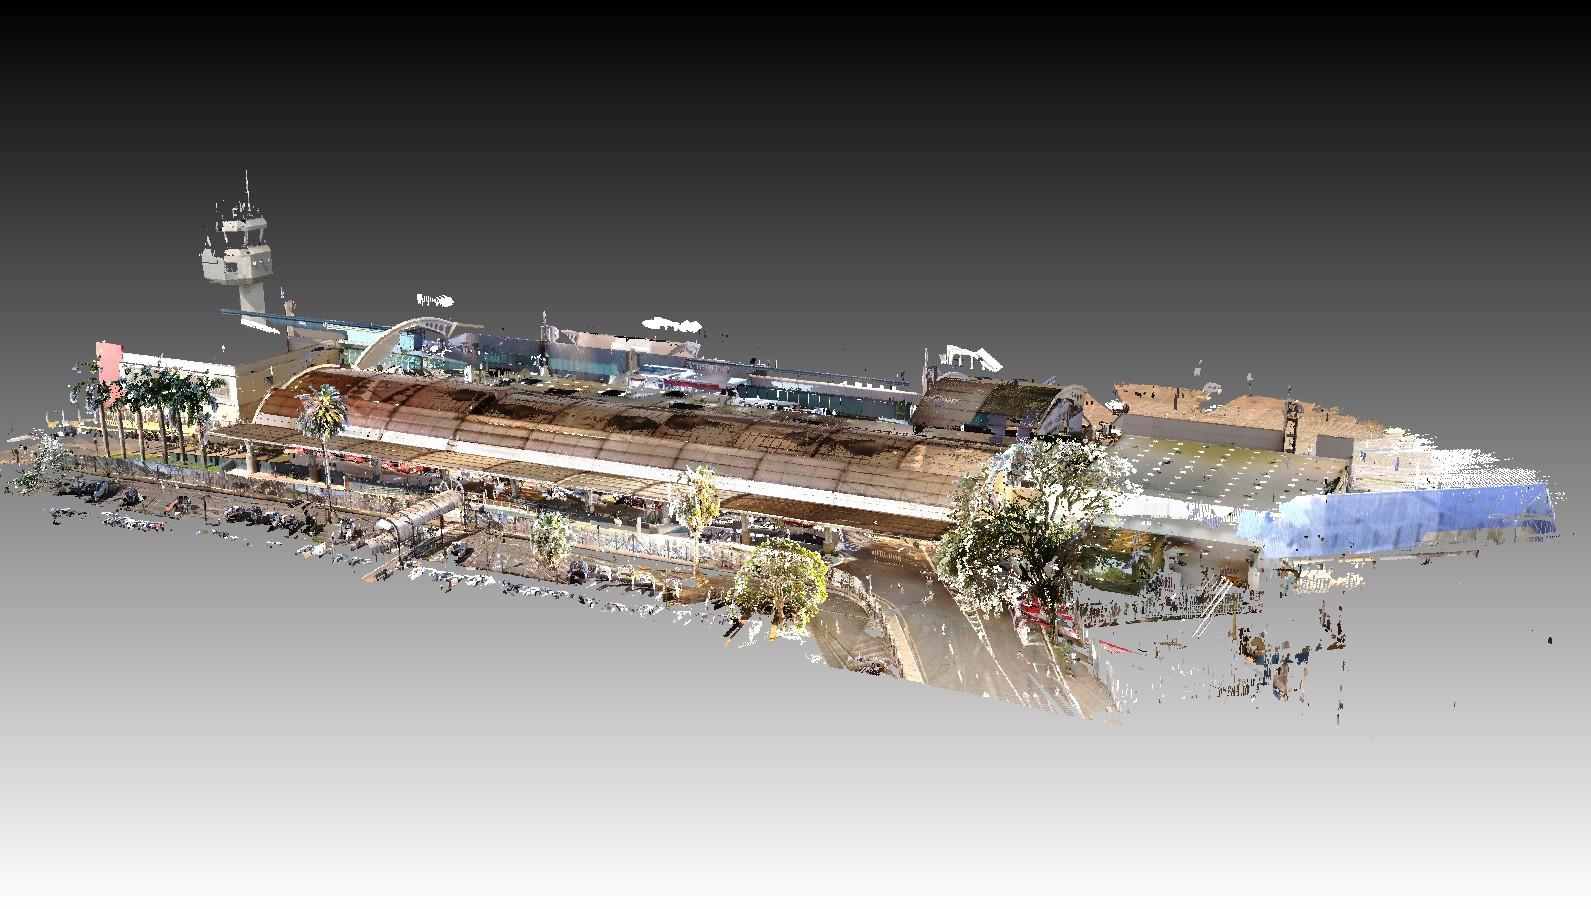 Topografia 3D e Laser Scanning foram o destaque de hoje no MundoGEO Connect e DroneShow 2020